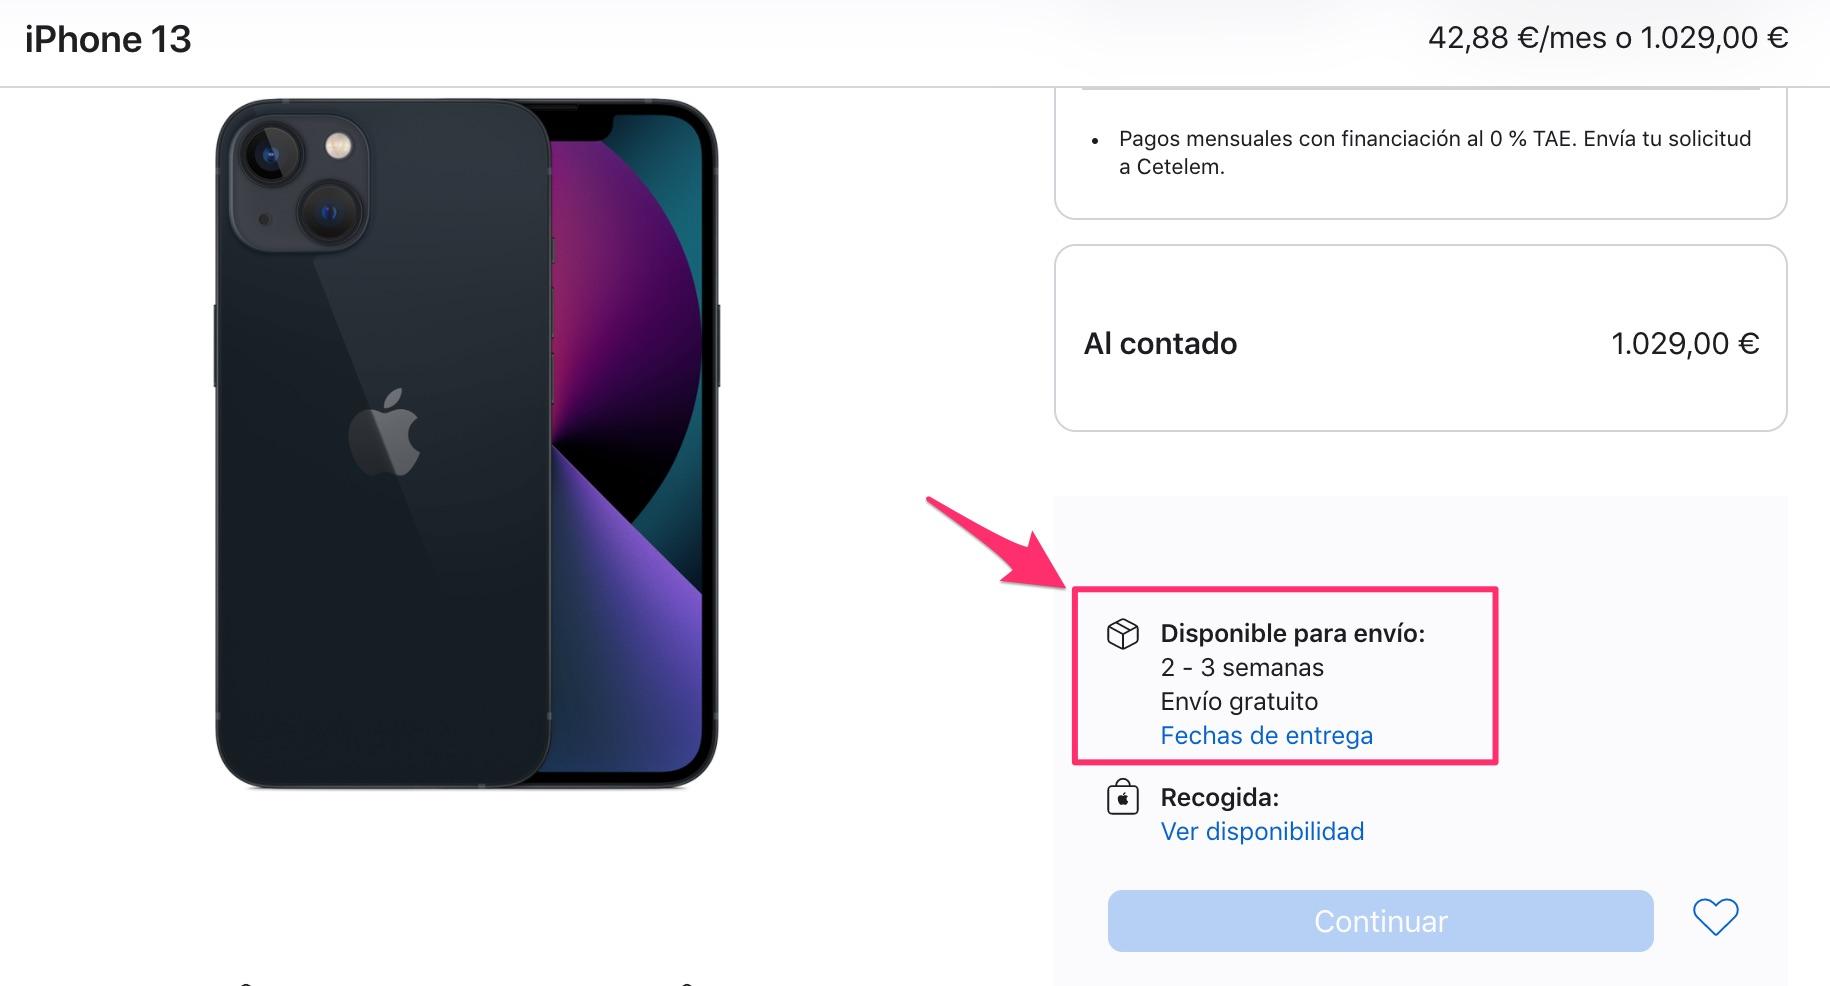 Tiempos de entrega de 3 semanas para el iPhone 13